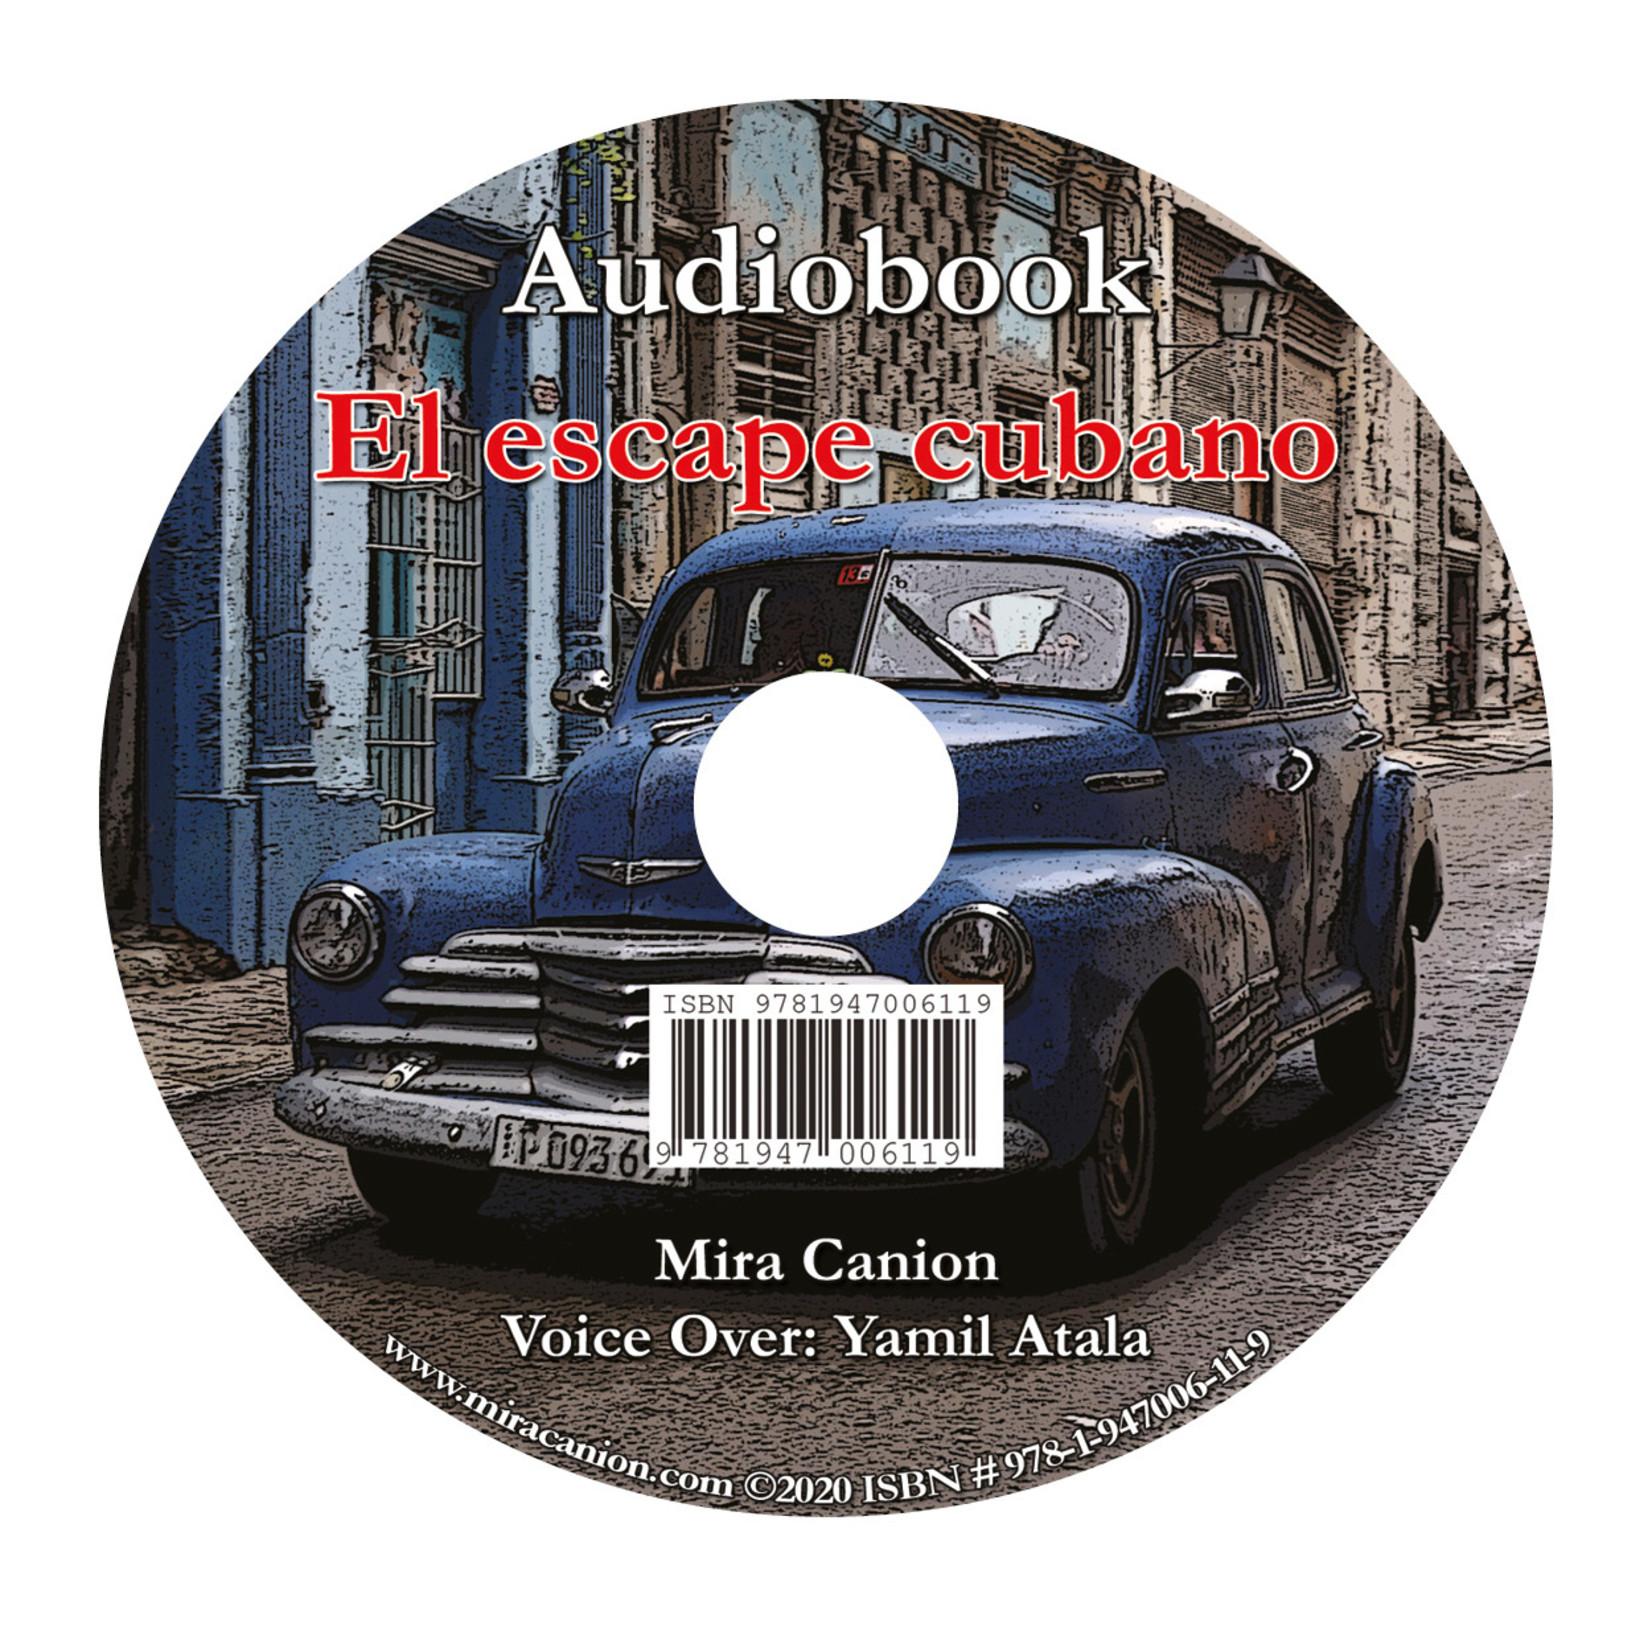 Mira Canion El escape cubano - Audiobook